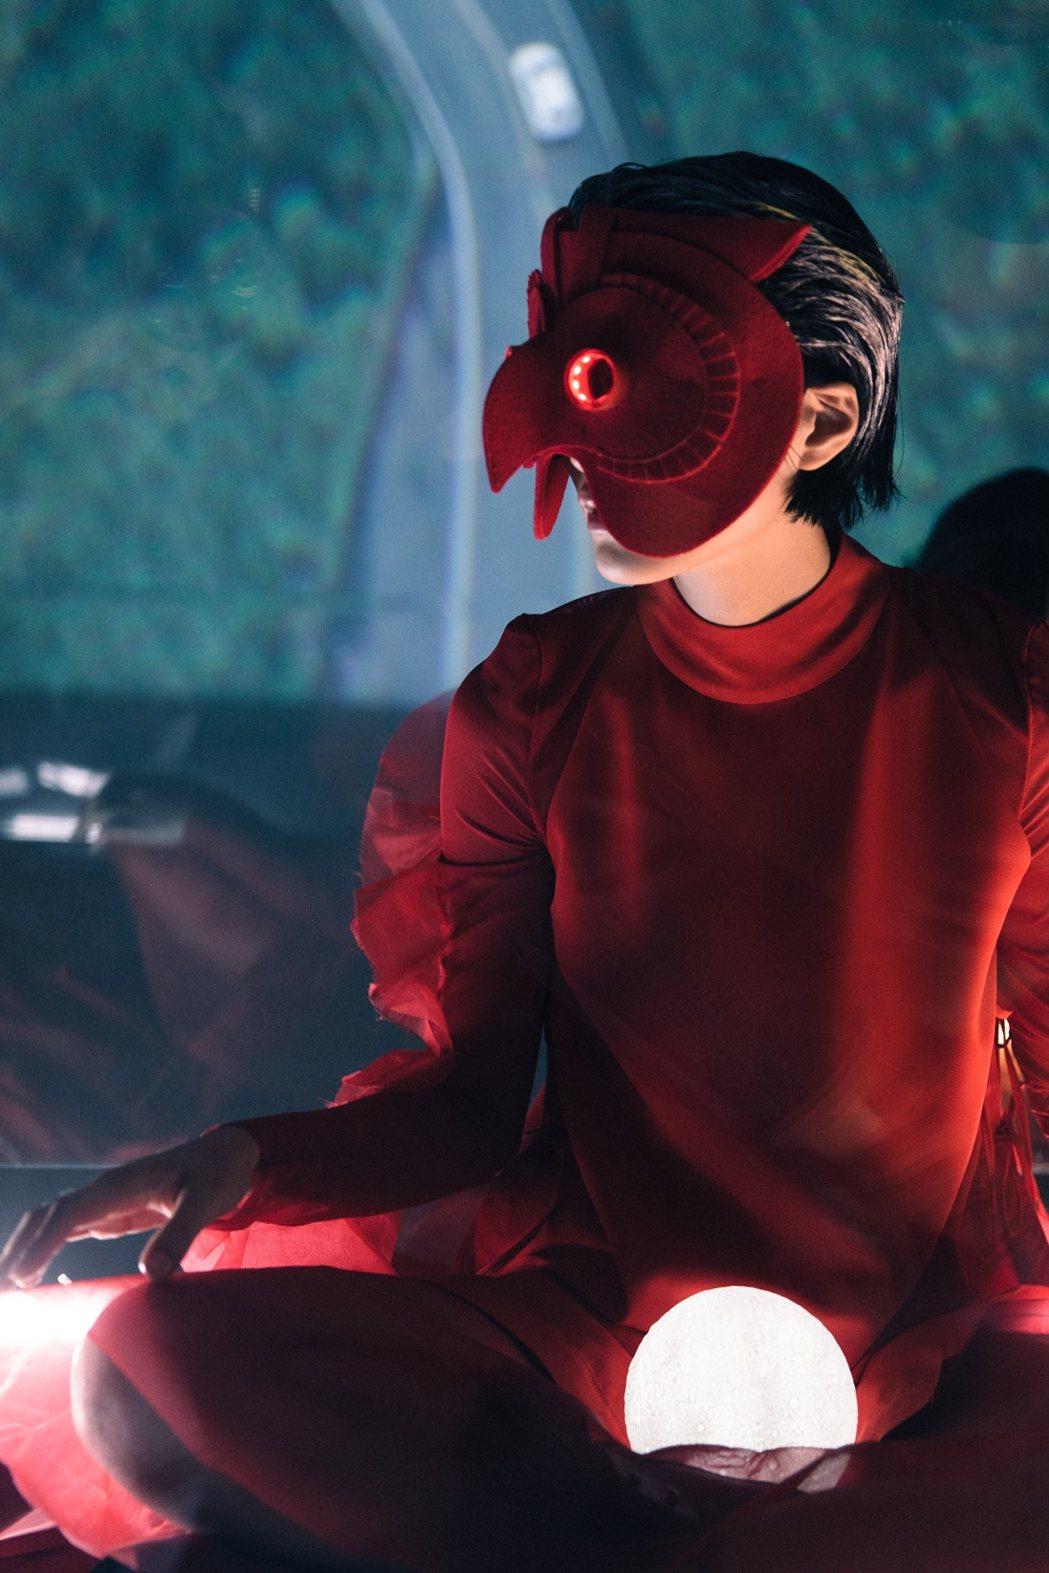 柯泯薰時隔三年發行「不能發出聲音」,搭配電影扮紅衣小女孩。圖/洗耳恭聽提供